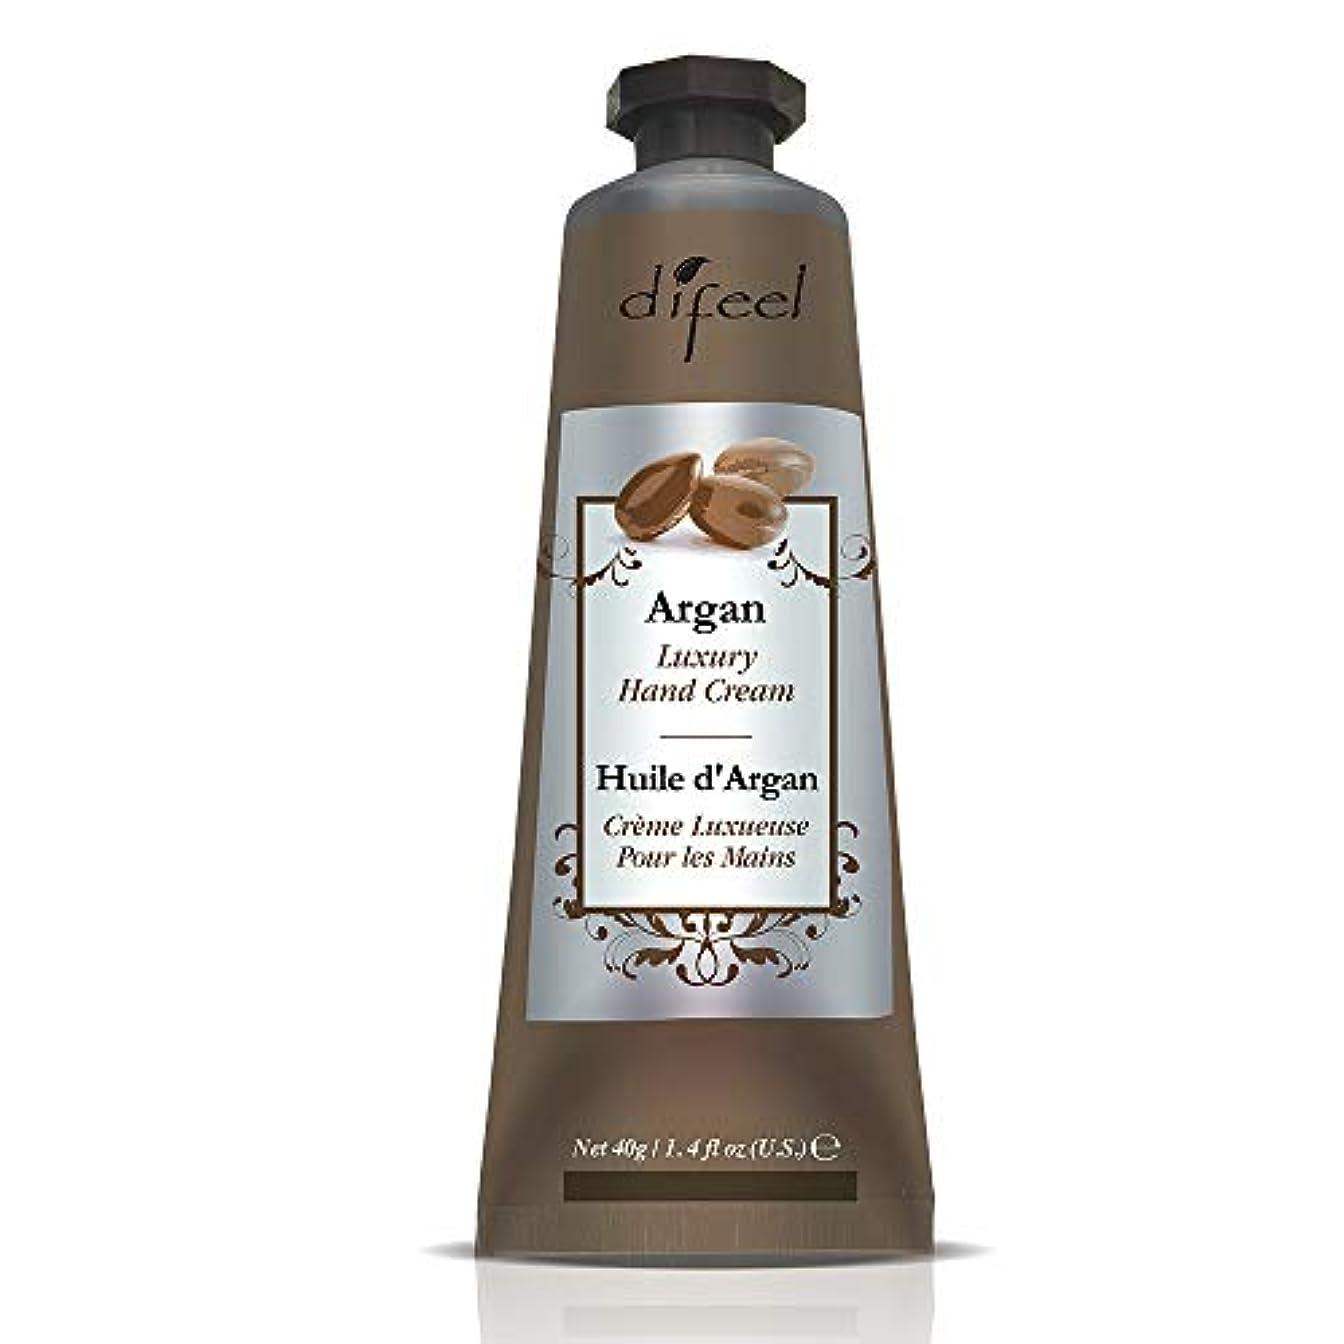 人柄本体男らしさDifeel(ディフィール) アルガン ナチュラル ハンドクリーム 40g ARGAN 12ARG New York 【正規輸入品】